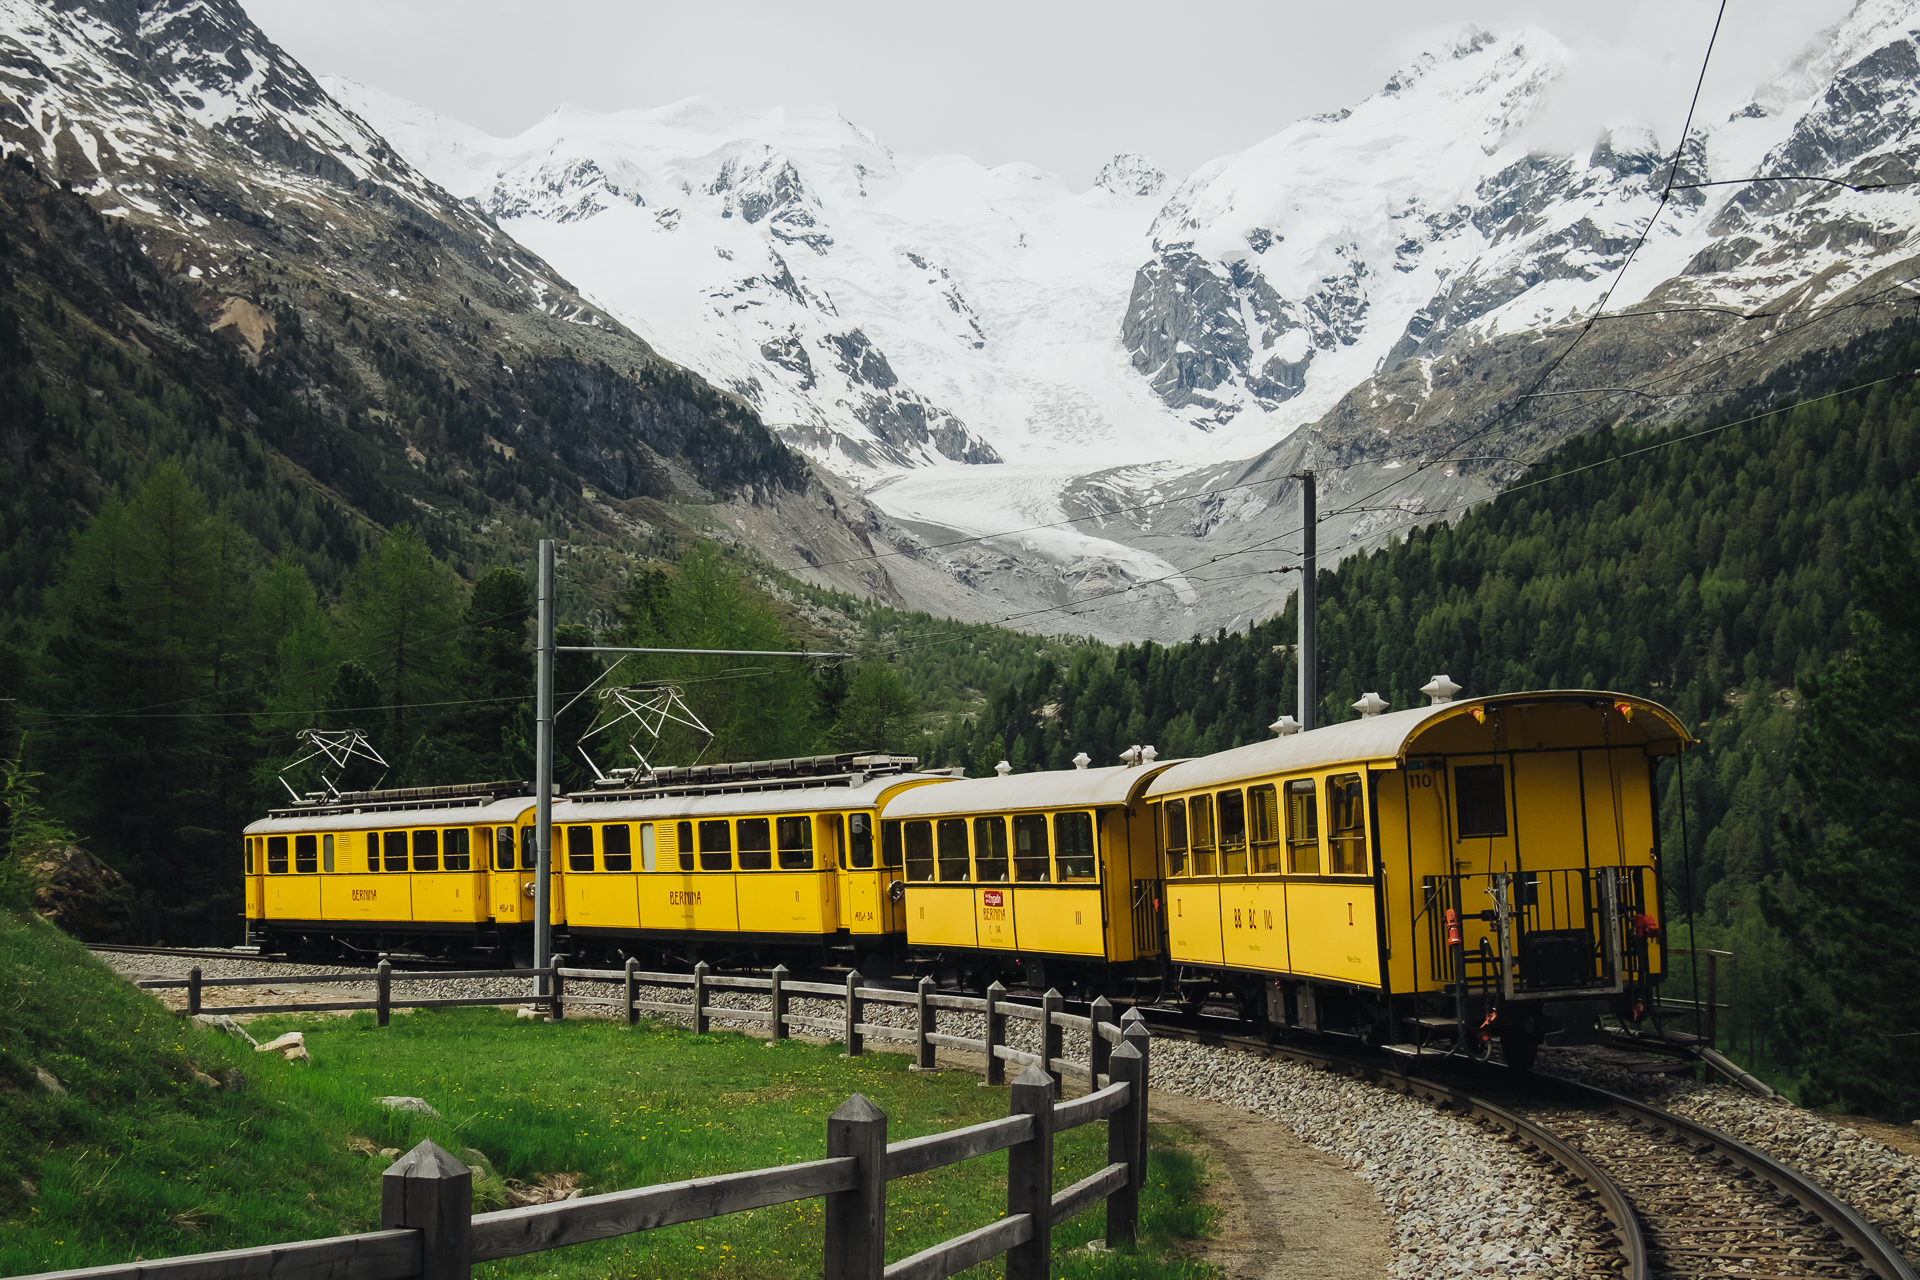 Rhaetische Bahn- Graubunden - St Moritz-4